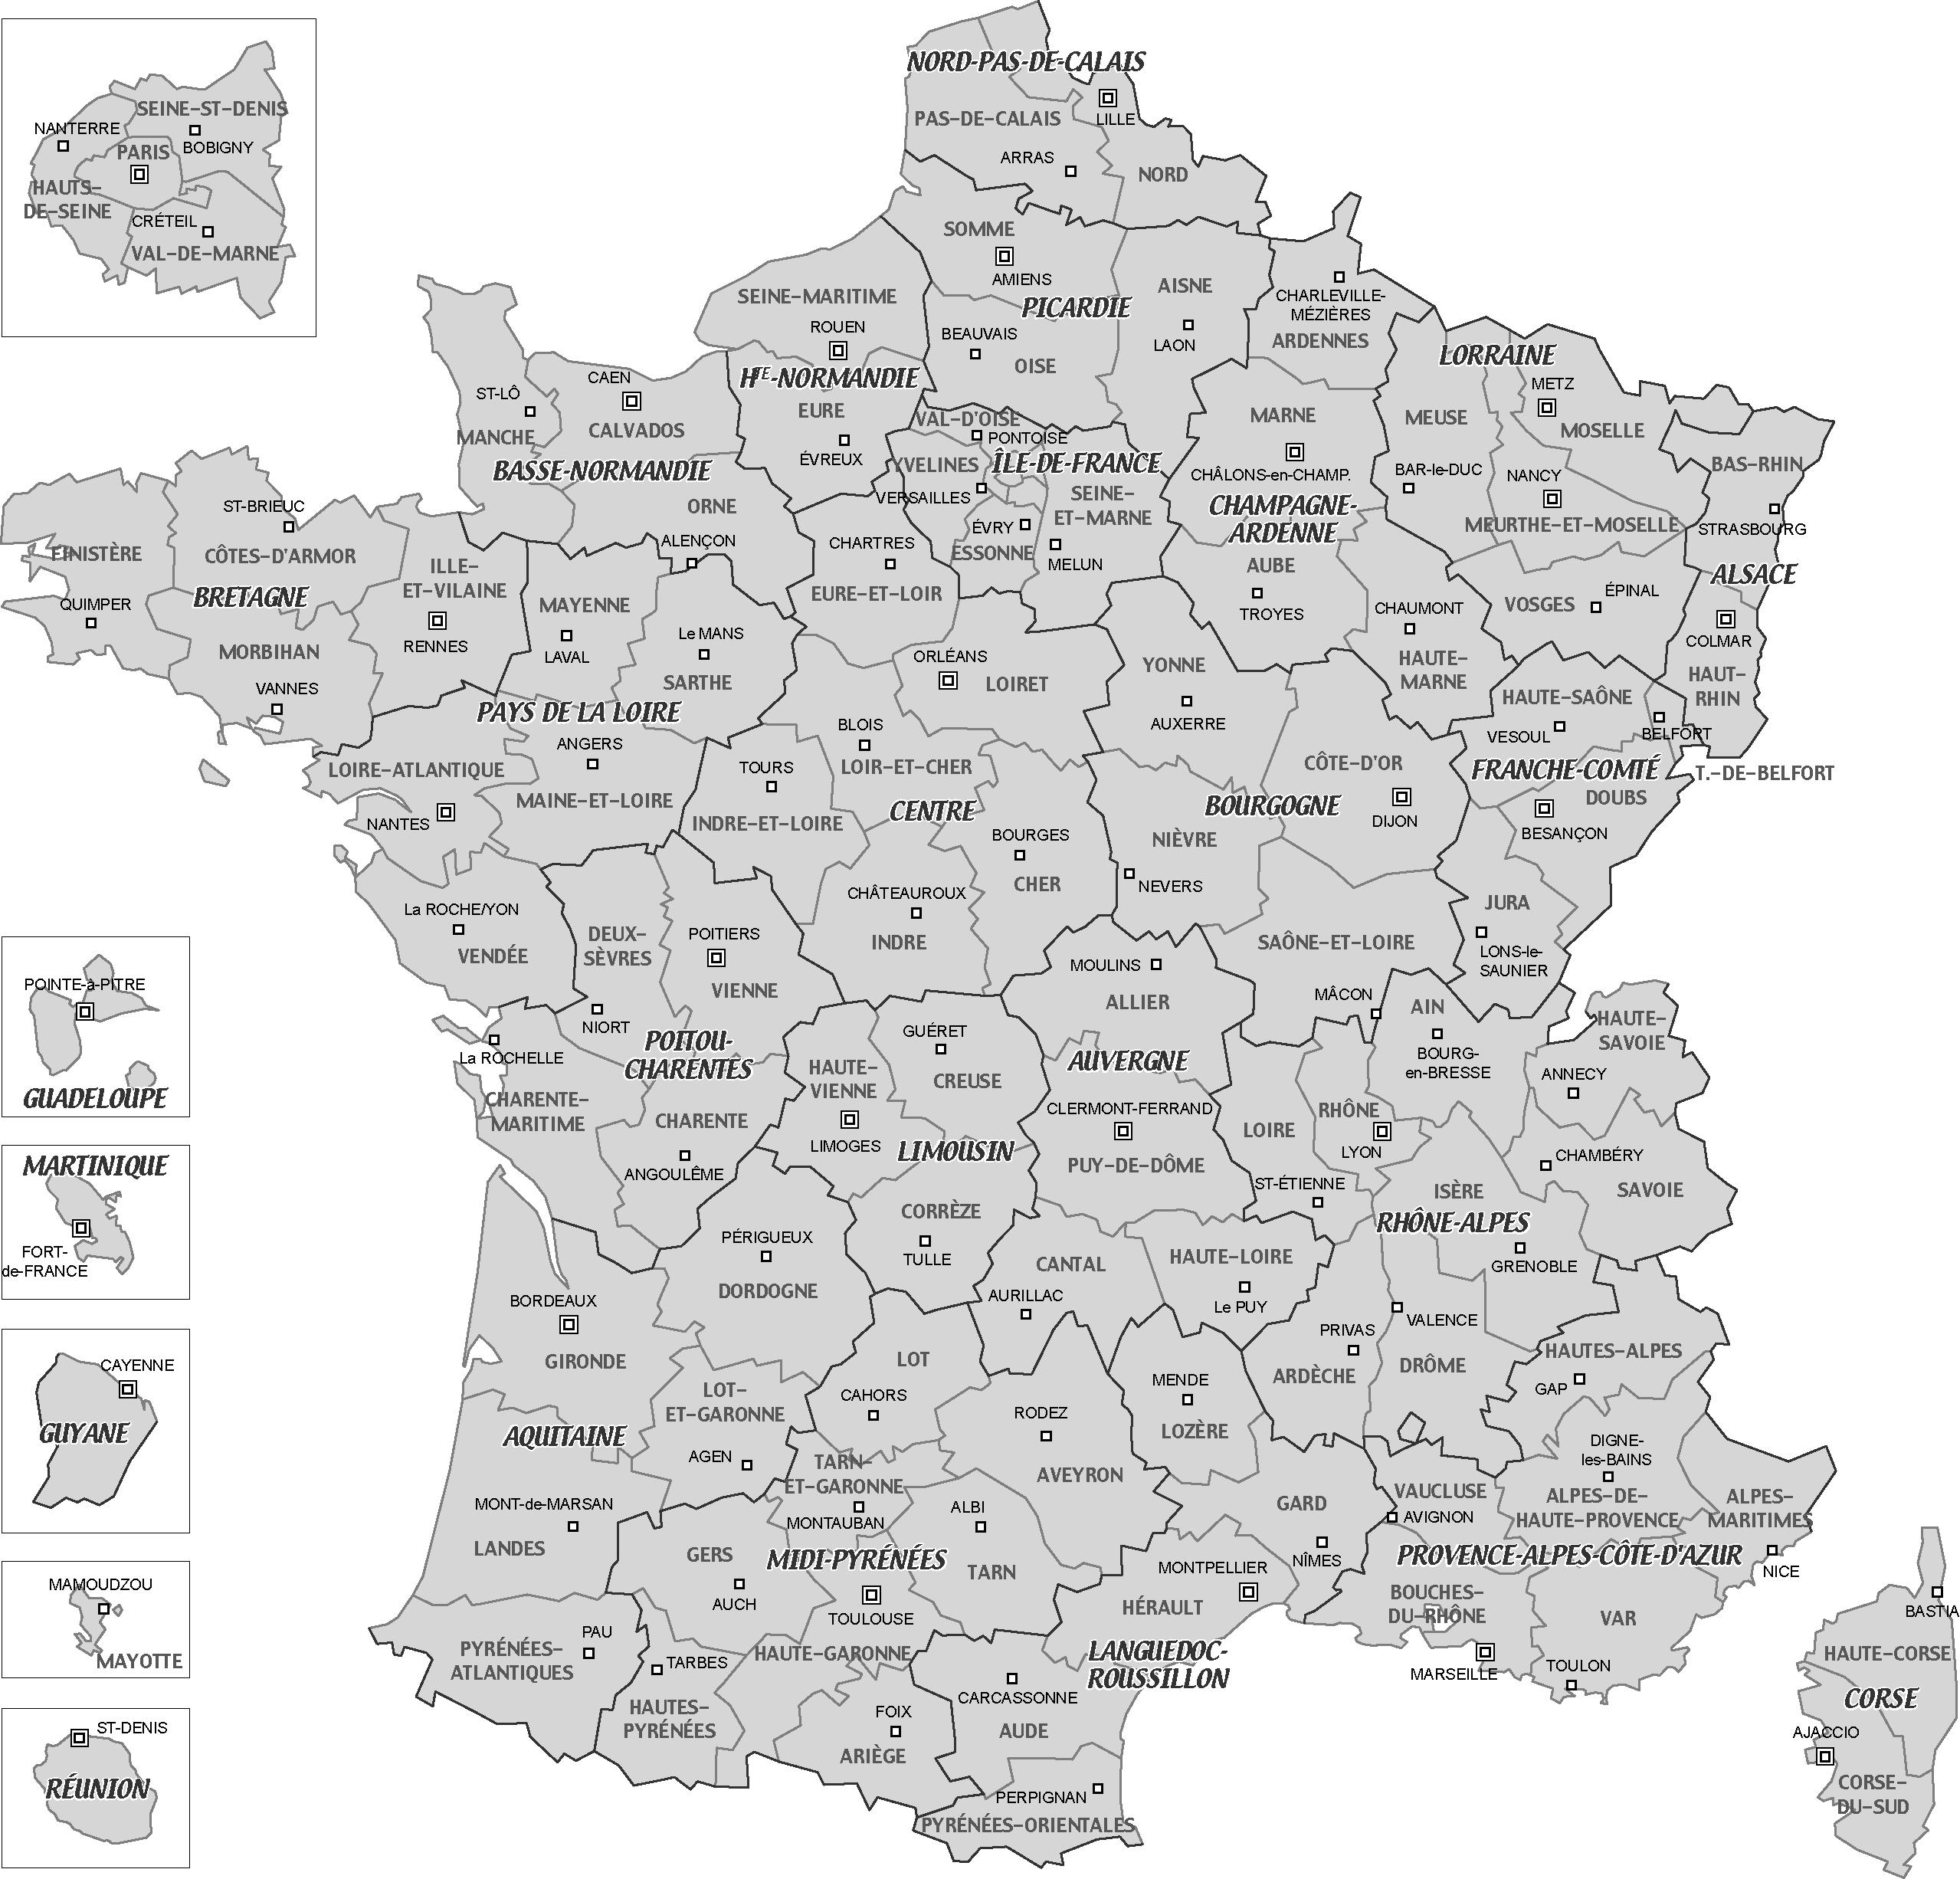 Cartes De France, Cartes Et Rmations Des Régions dedans Région Et Département France